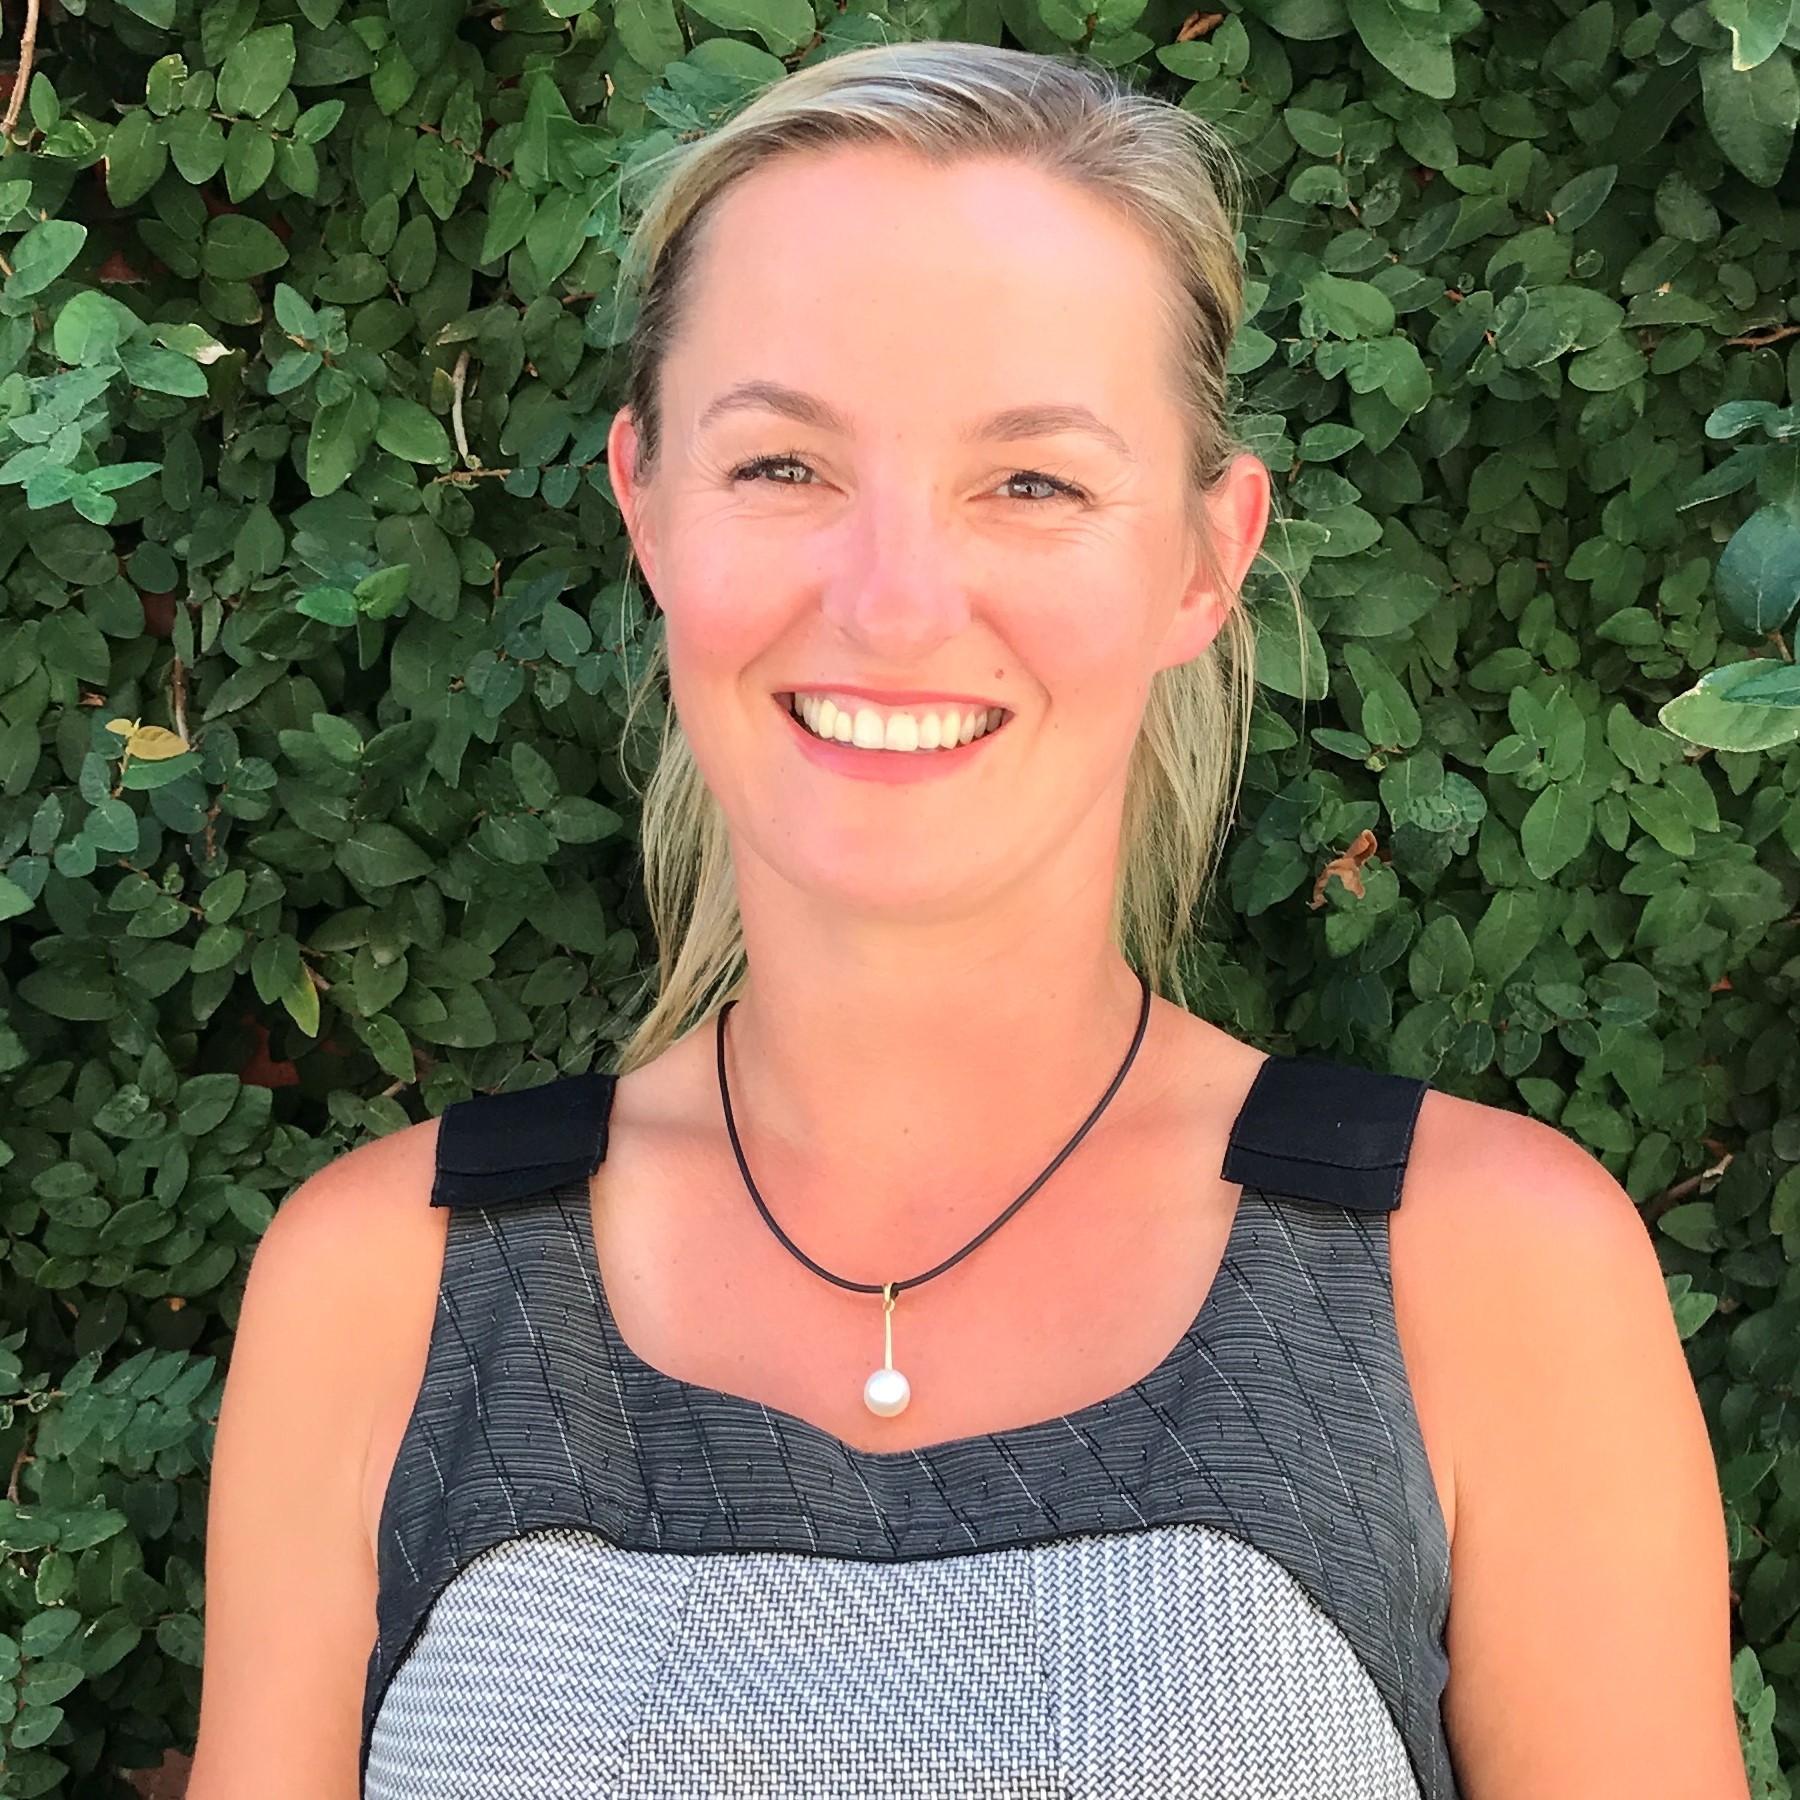 Sarah Condron